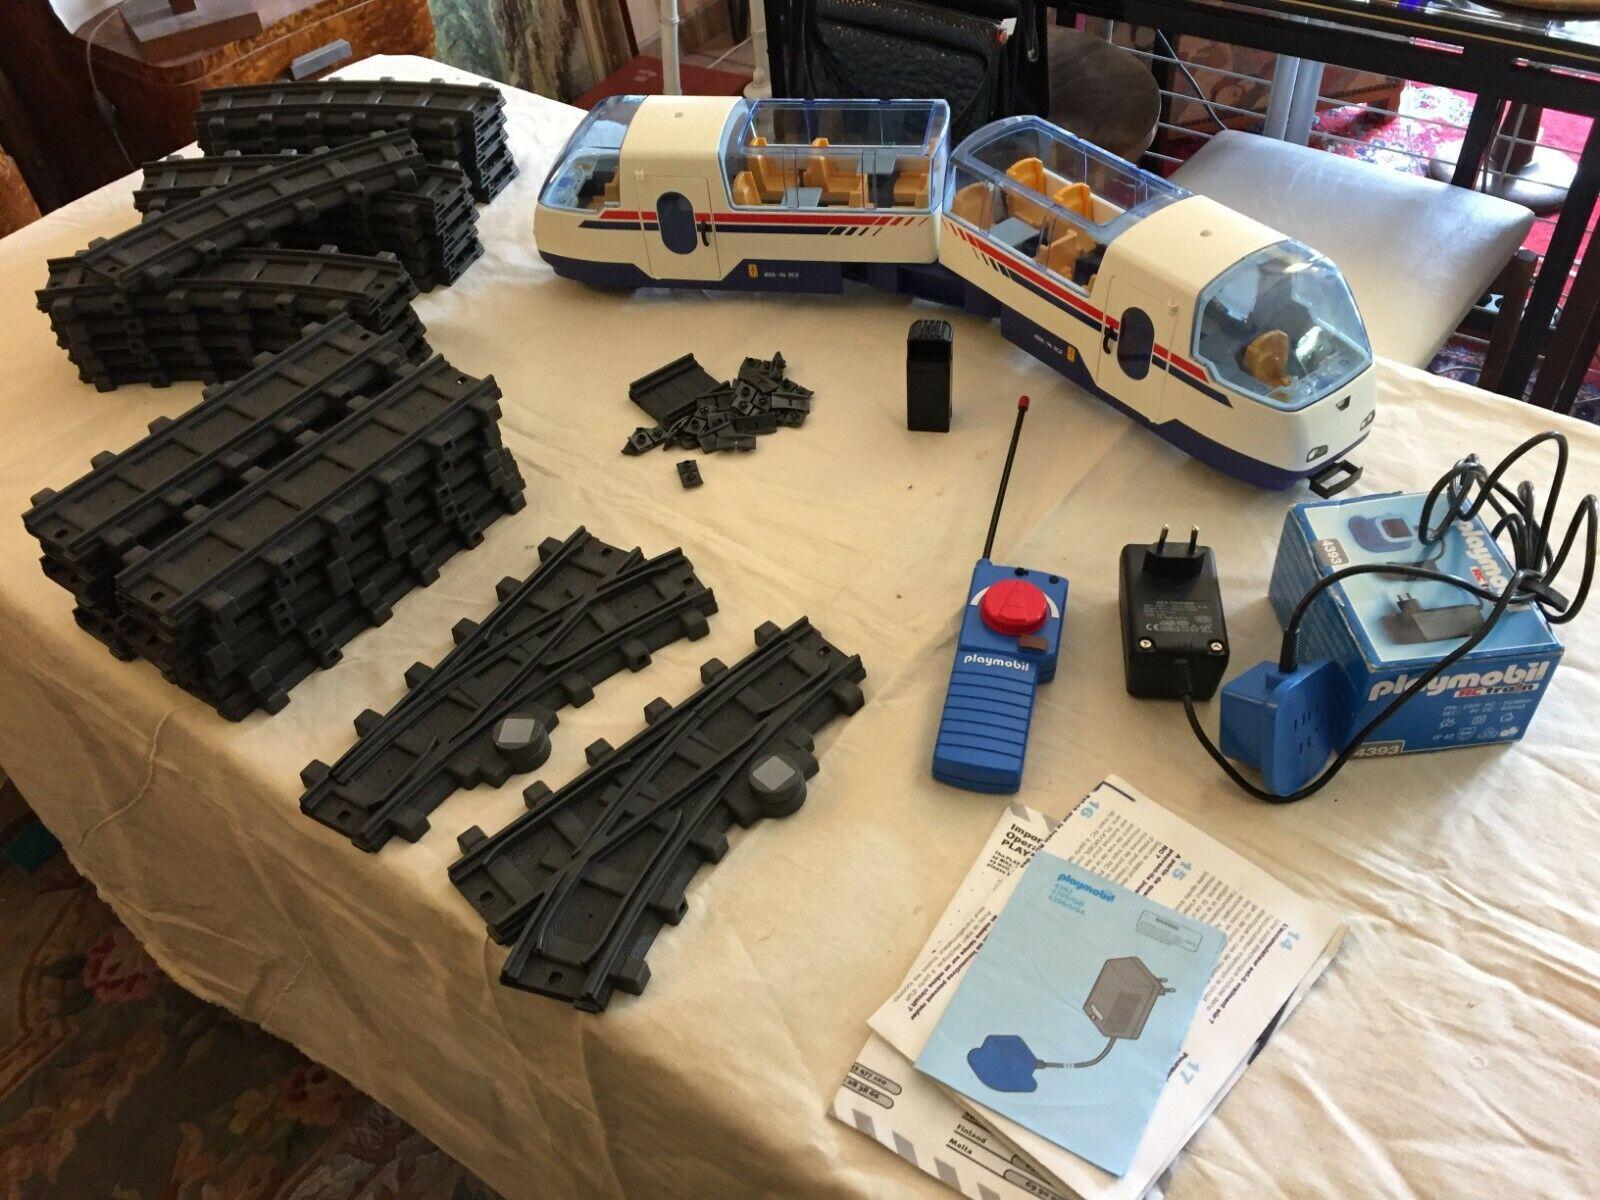 1  tgv 4016 train playmobil radio comuomodé + rails + accessoires  consegna diretta e rapida in fabbrica